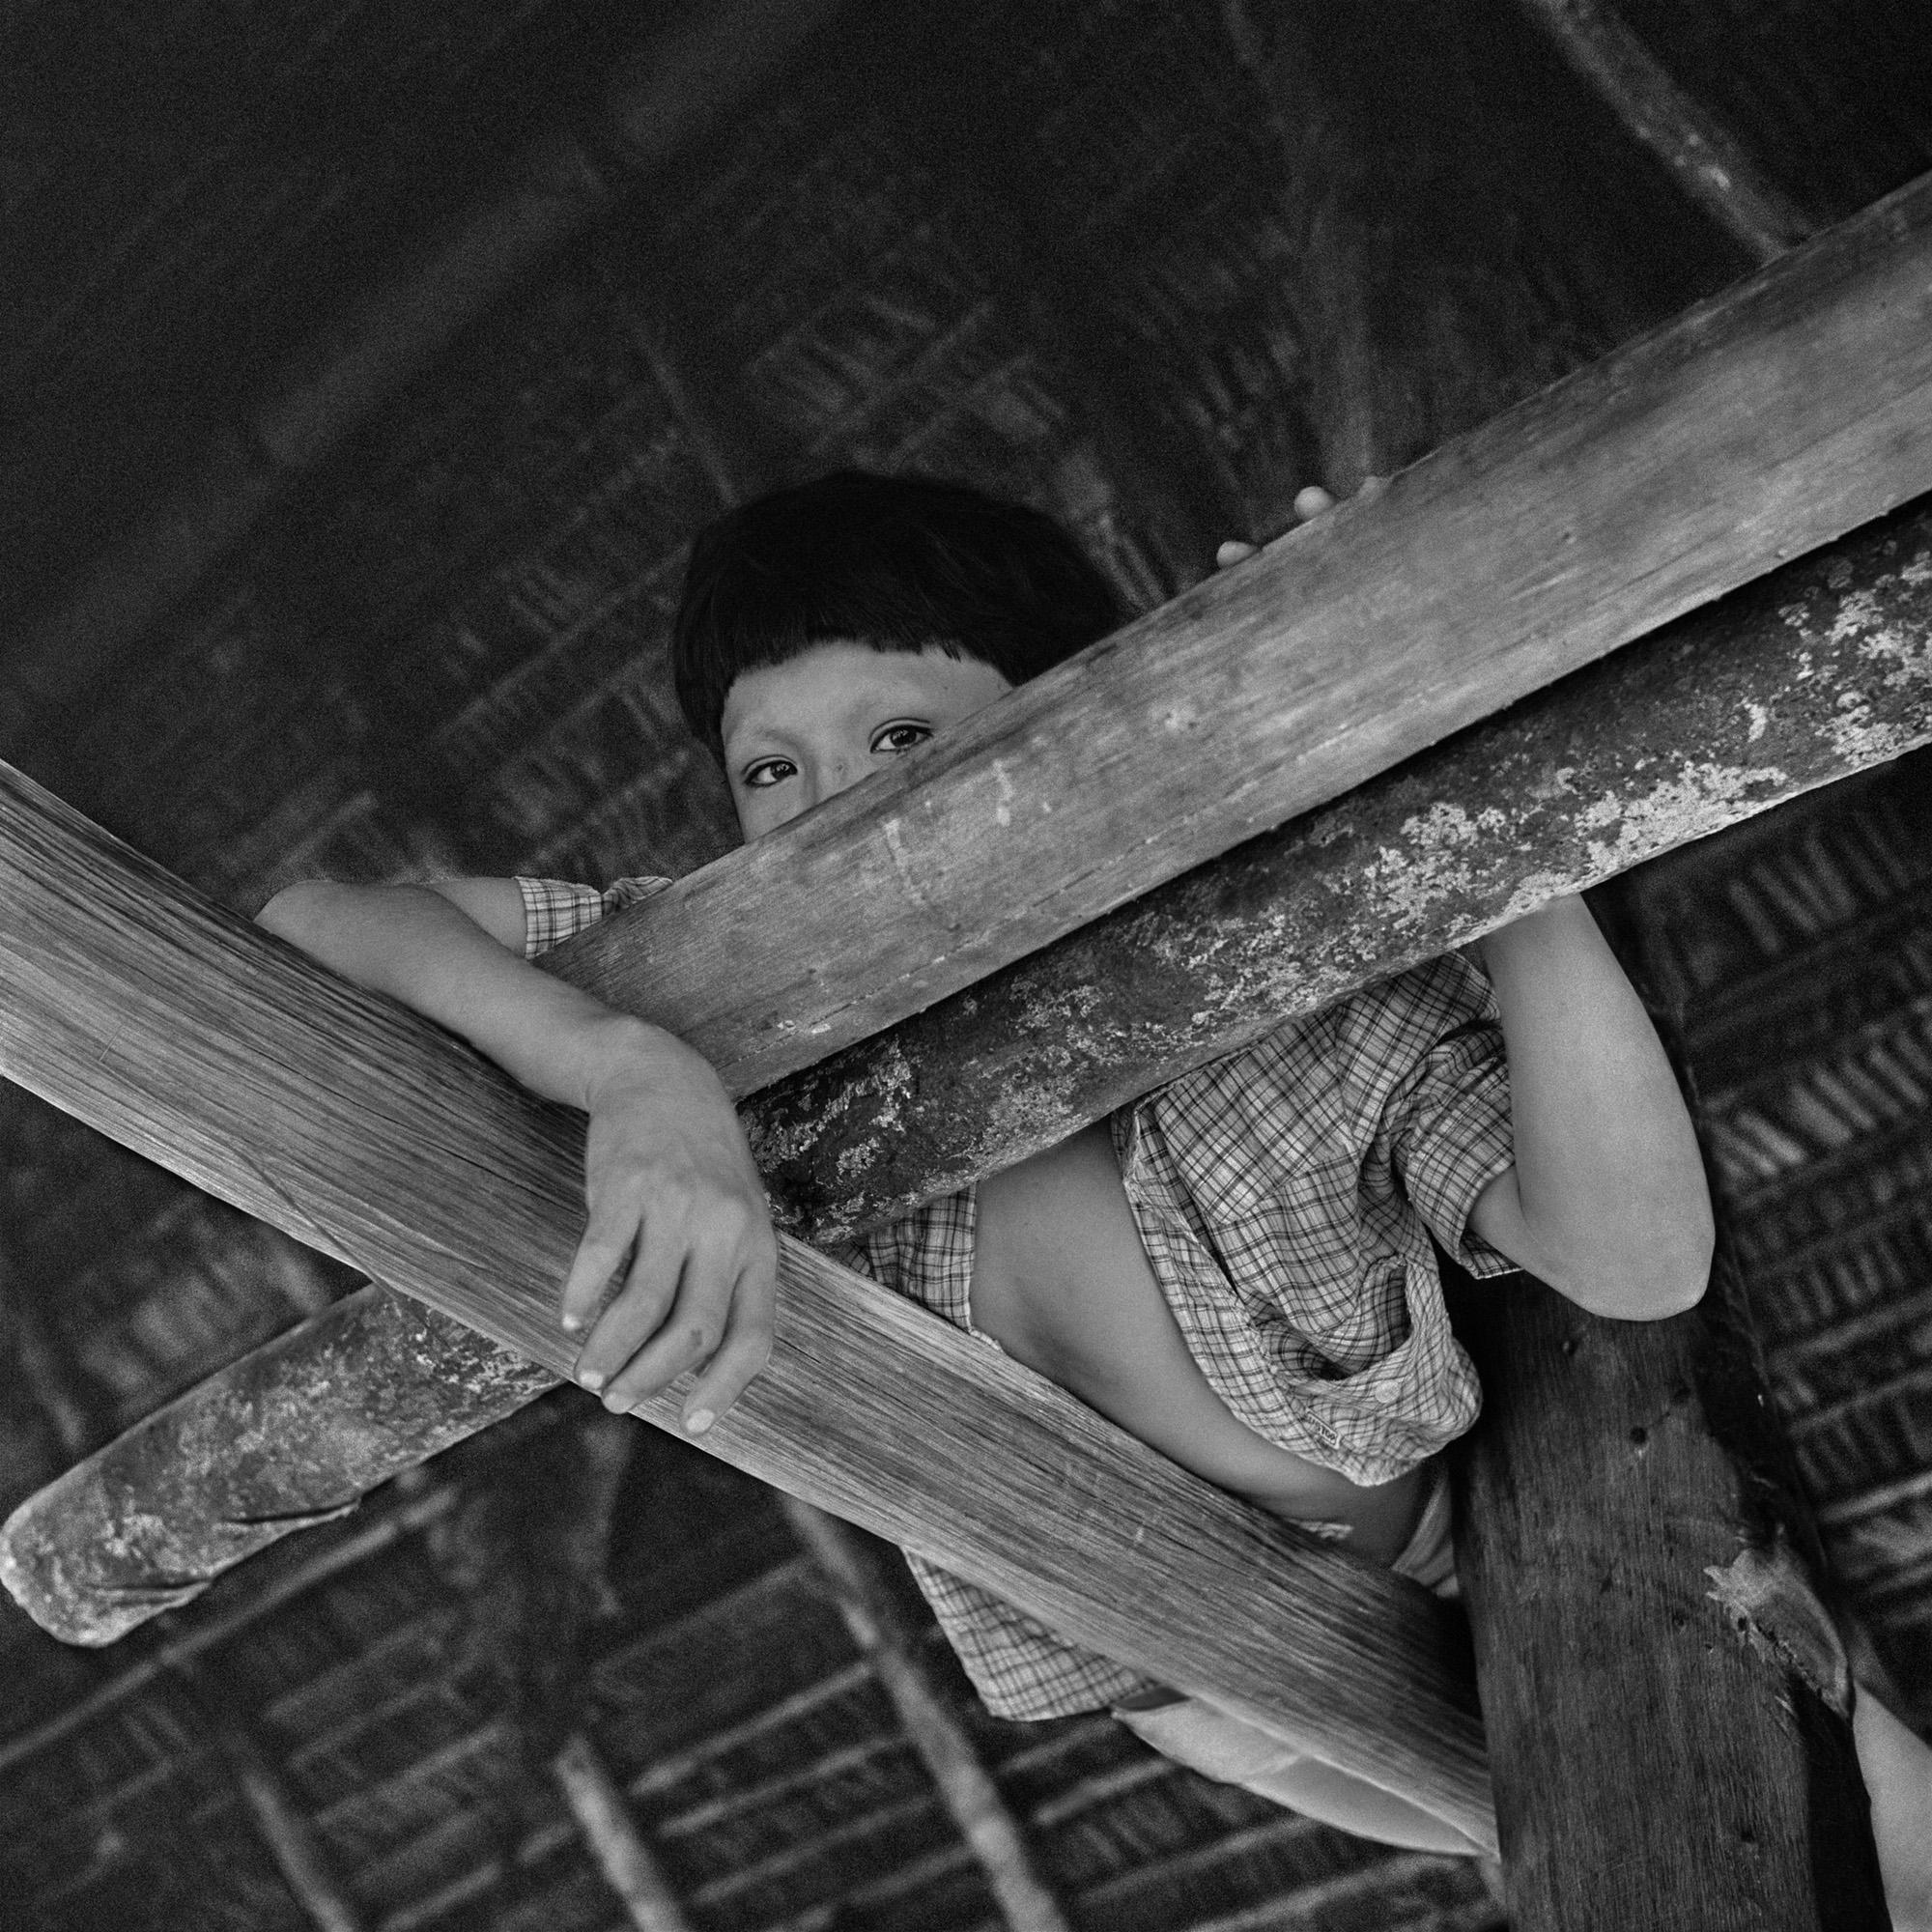 Yuruawï-do no jirau da casa de farinha. Aldeia do médio Ipixuna, 1982